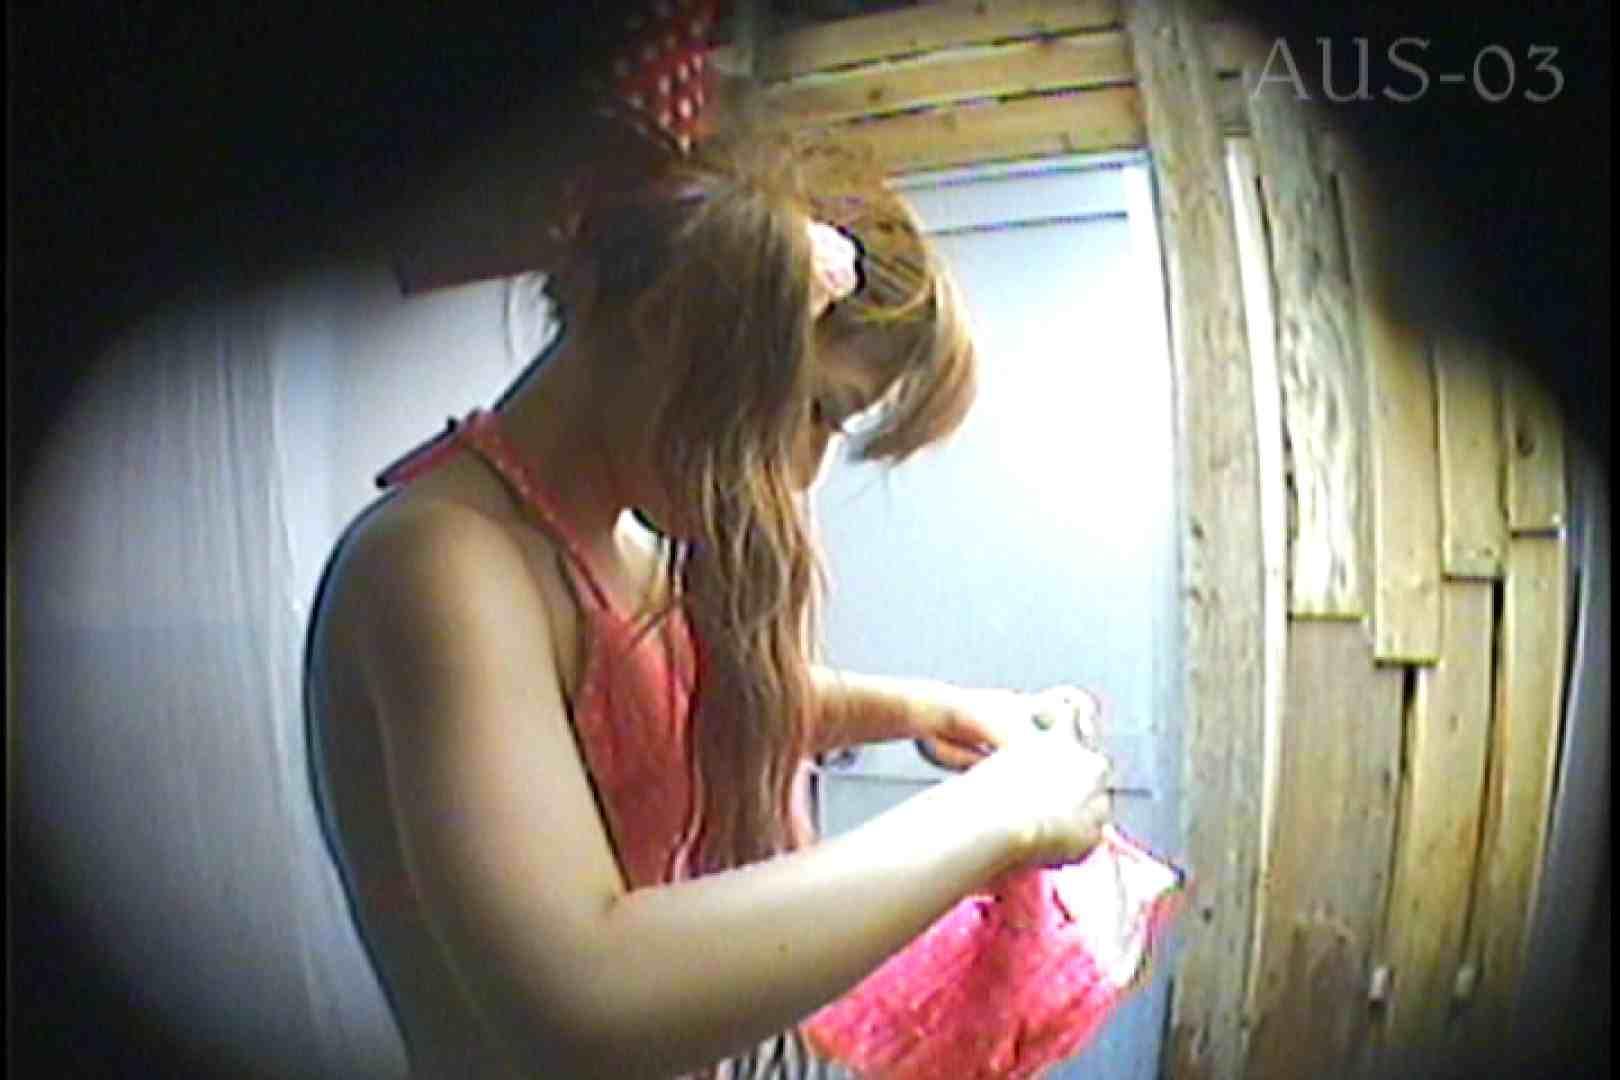 海の家の更衣室 Vol.14 シャワー室 ワレメ無修正動画無料 100枚 25